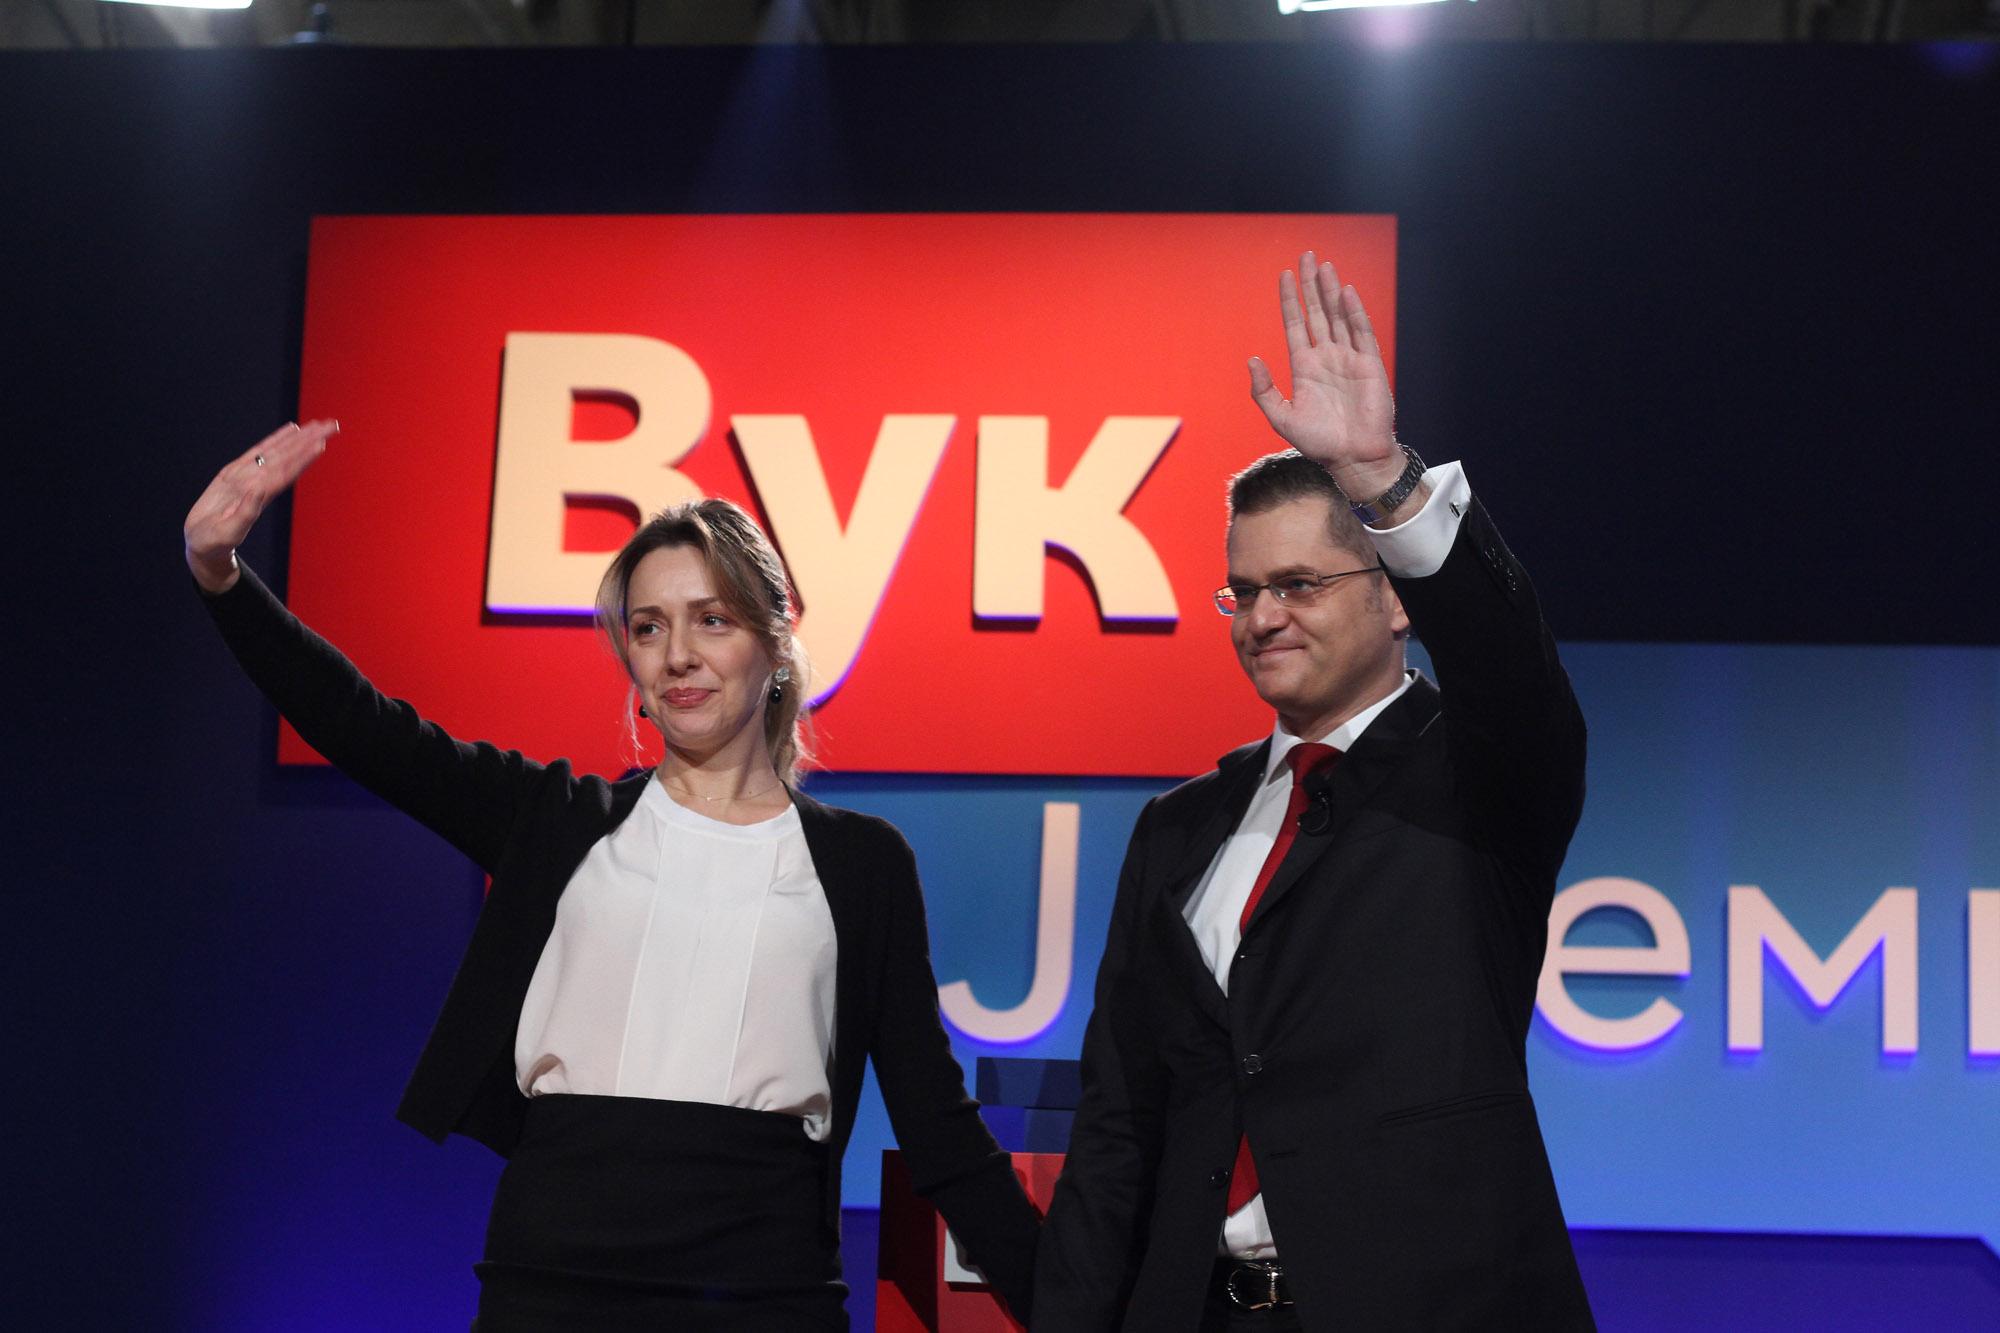 Јеремић: Кандидовао сам се да би могли да живимо без страха од одласка у пензију